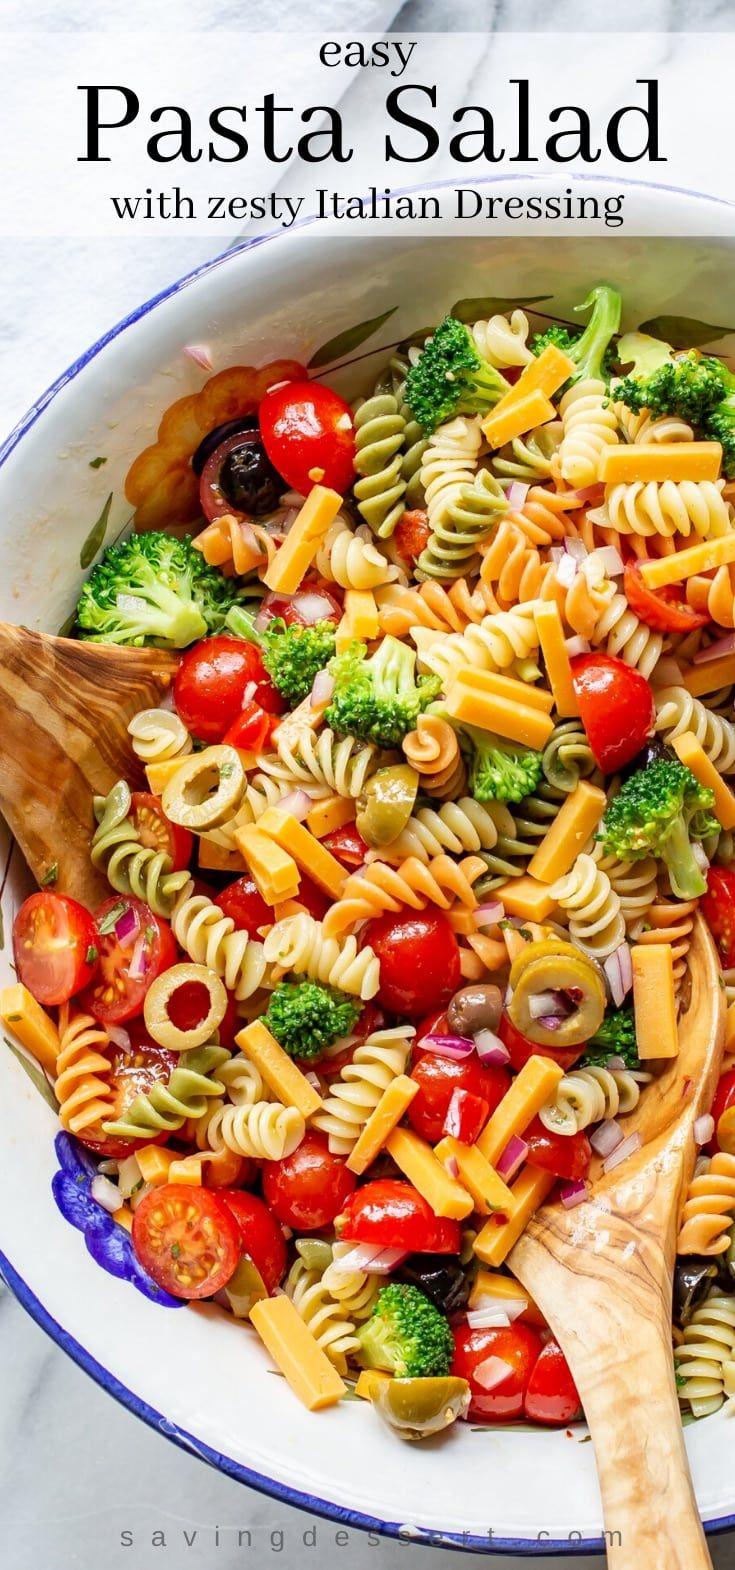 Easy Pasta Salad Recipe Recipe In 2020 Easy Pasta Salad Recipe Easy Pasta Salad Easy Pasta